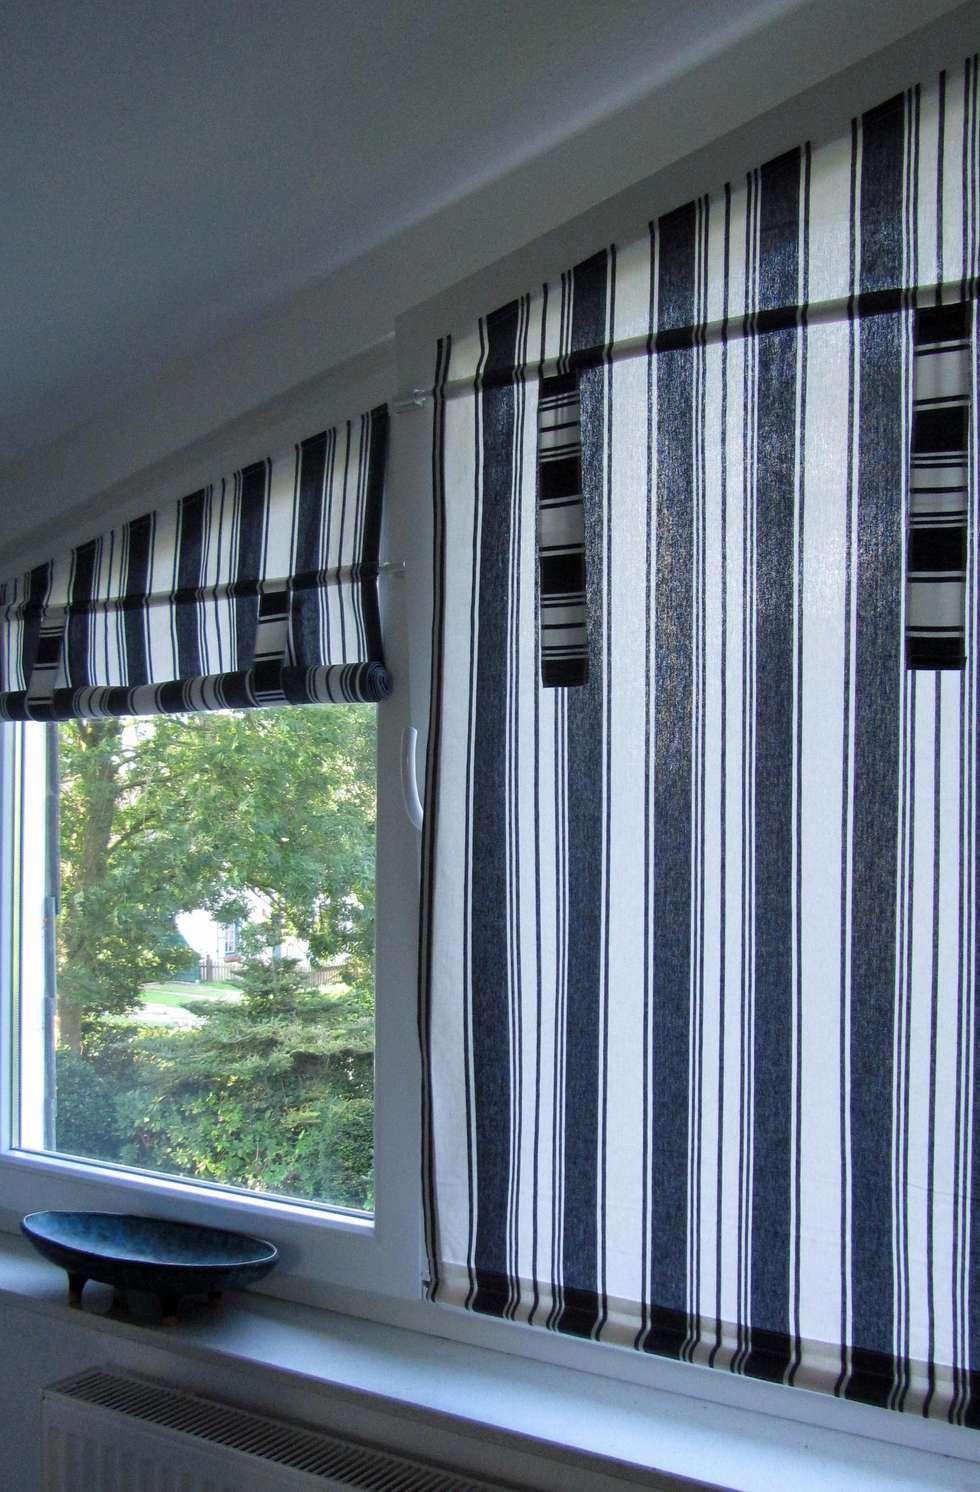 Rollos Für Altbaufenster wohnideen interior design einrichtungsideen bilder homify